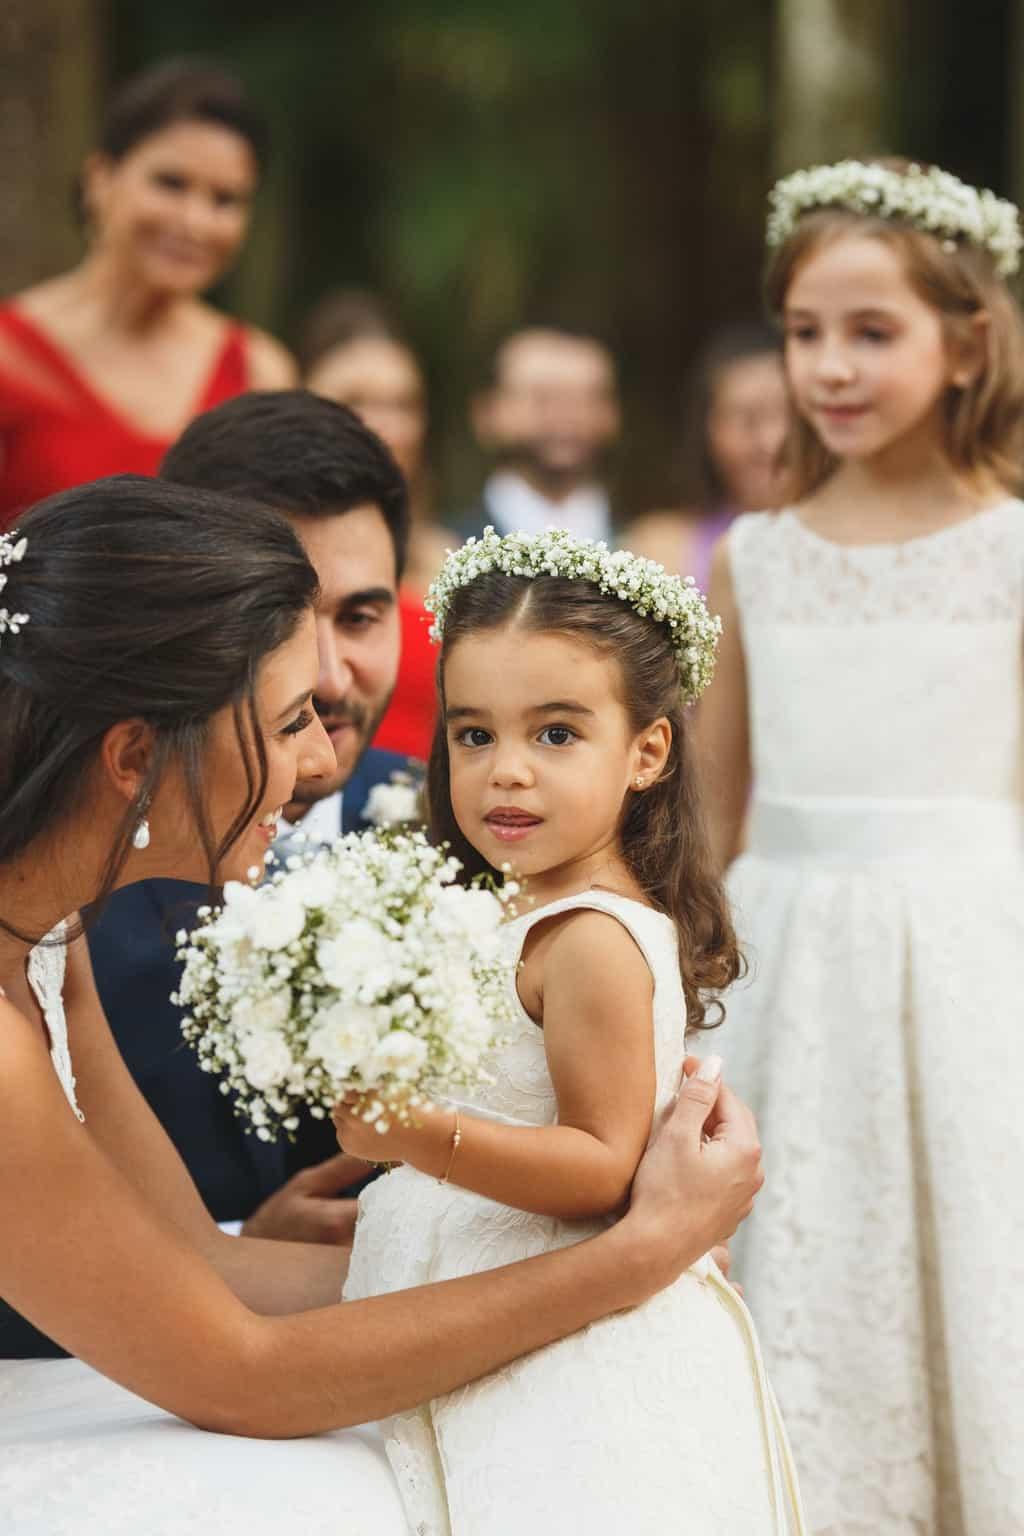 casamento-na-Fazenda-Vila-Rica-cerimonia-ao-ar-livre-cerimonial-Ana-Paula-Tabet-Fotografia-Euka-Weddings-Renata-e-Gabriel83